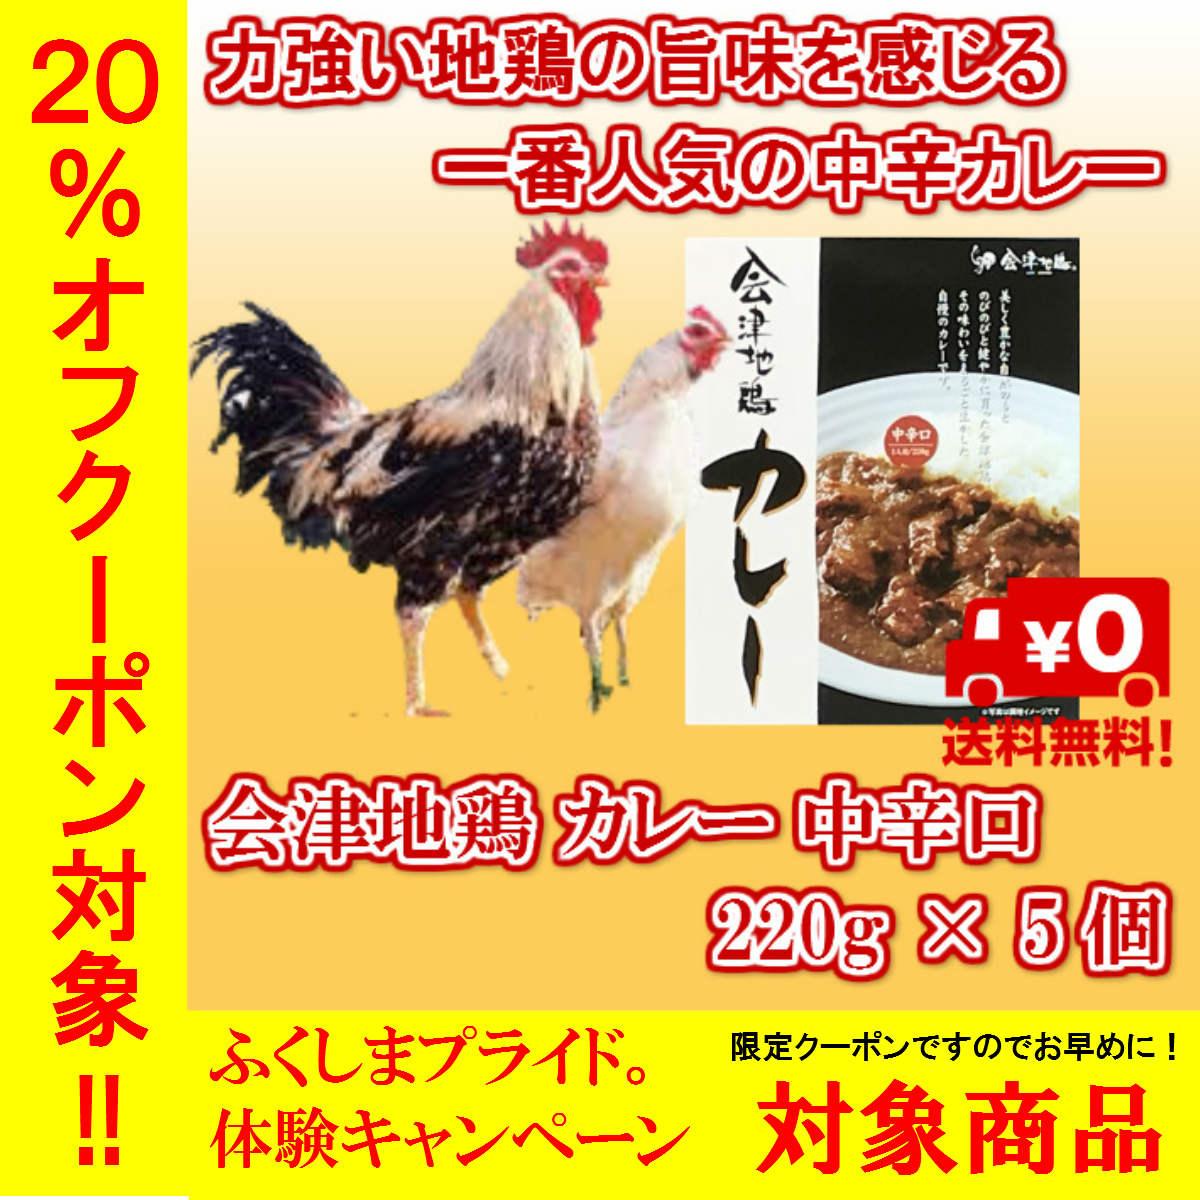 会津地鶏 中辛 カレー レトルト 詰合せ 会津地鶏ネット 送料無料 220g x 5個 ふくしまプライド